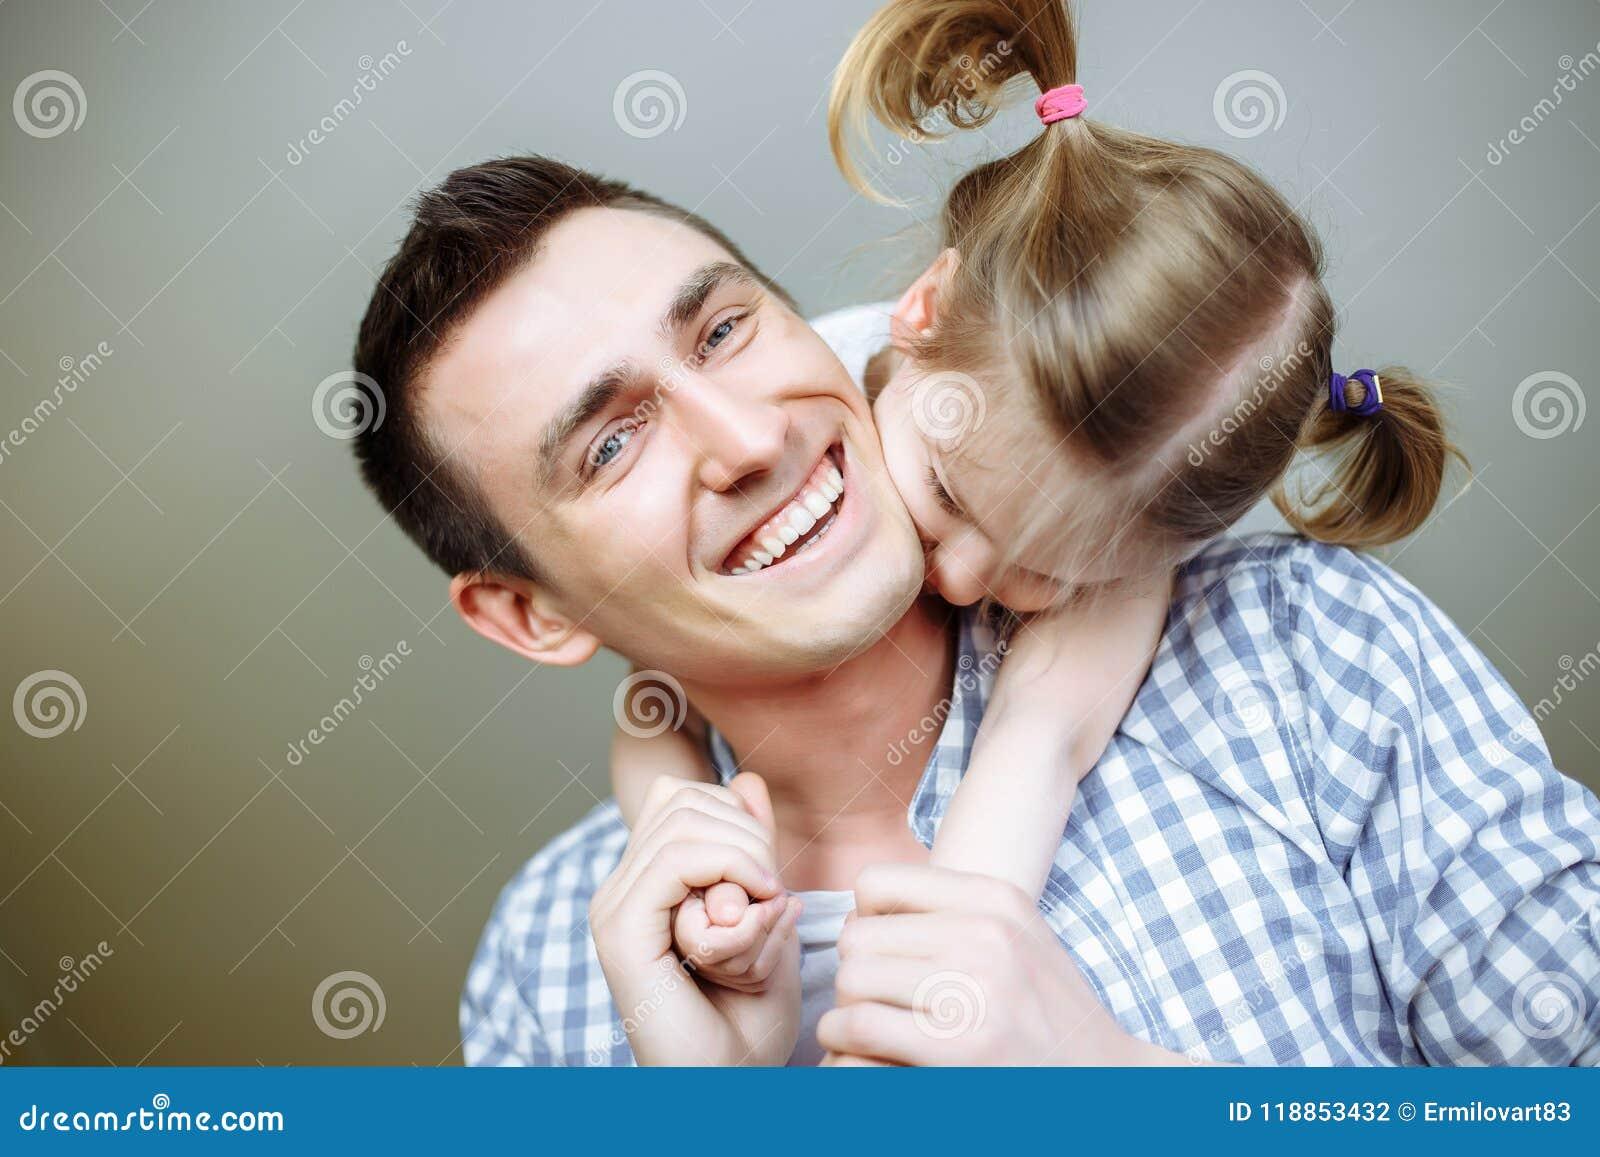 Farsan och hans dotterbarnflicka spelar, ler och kramar Familjferie och samhörighetskänsla grunt djupfält